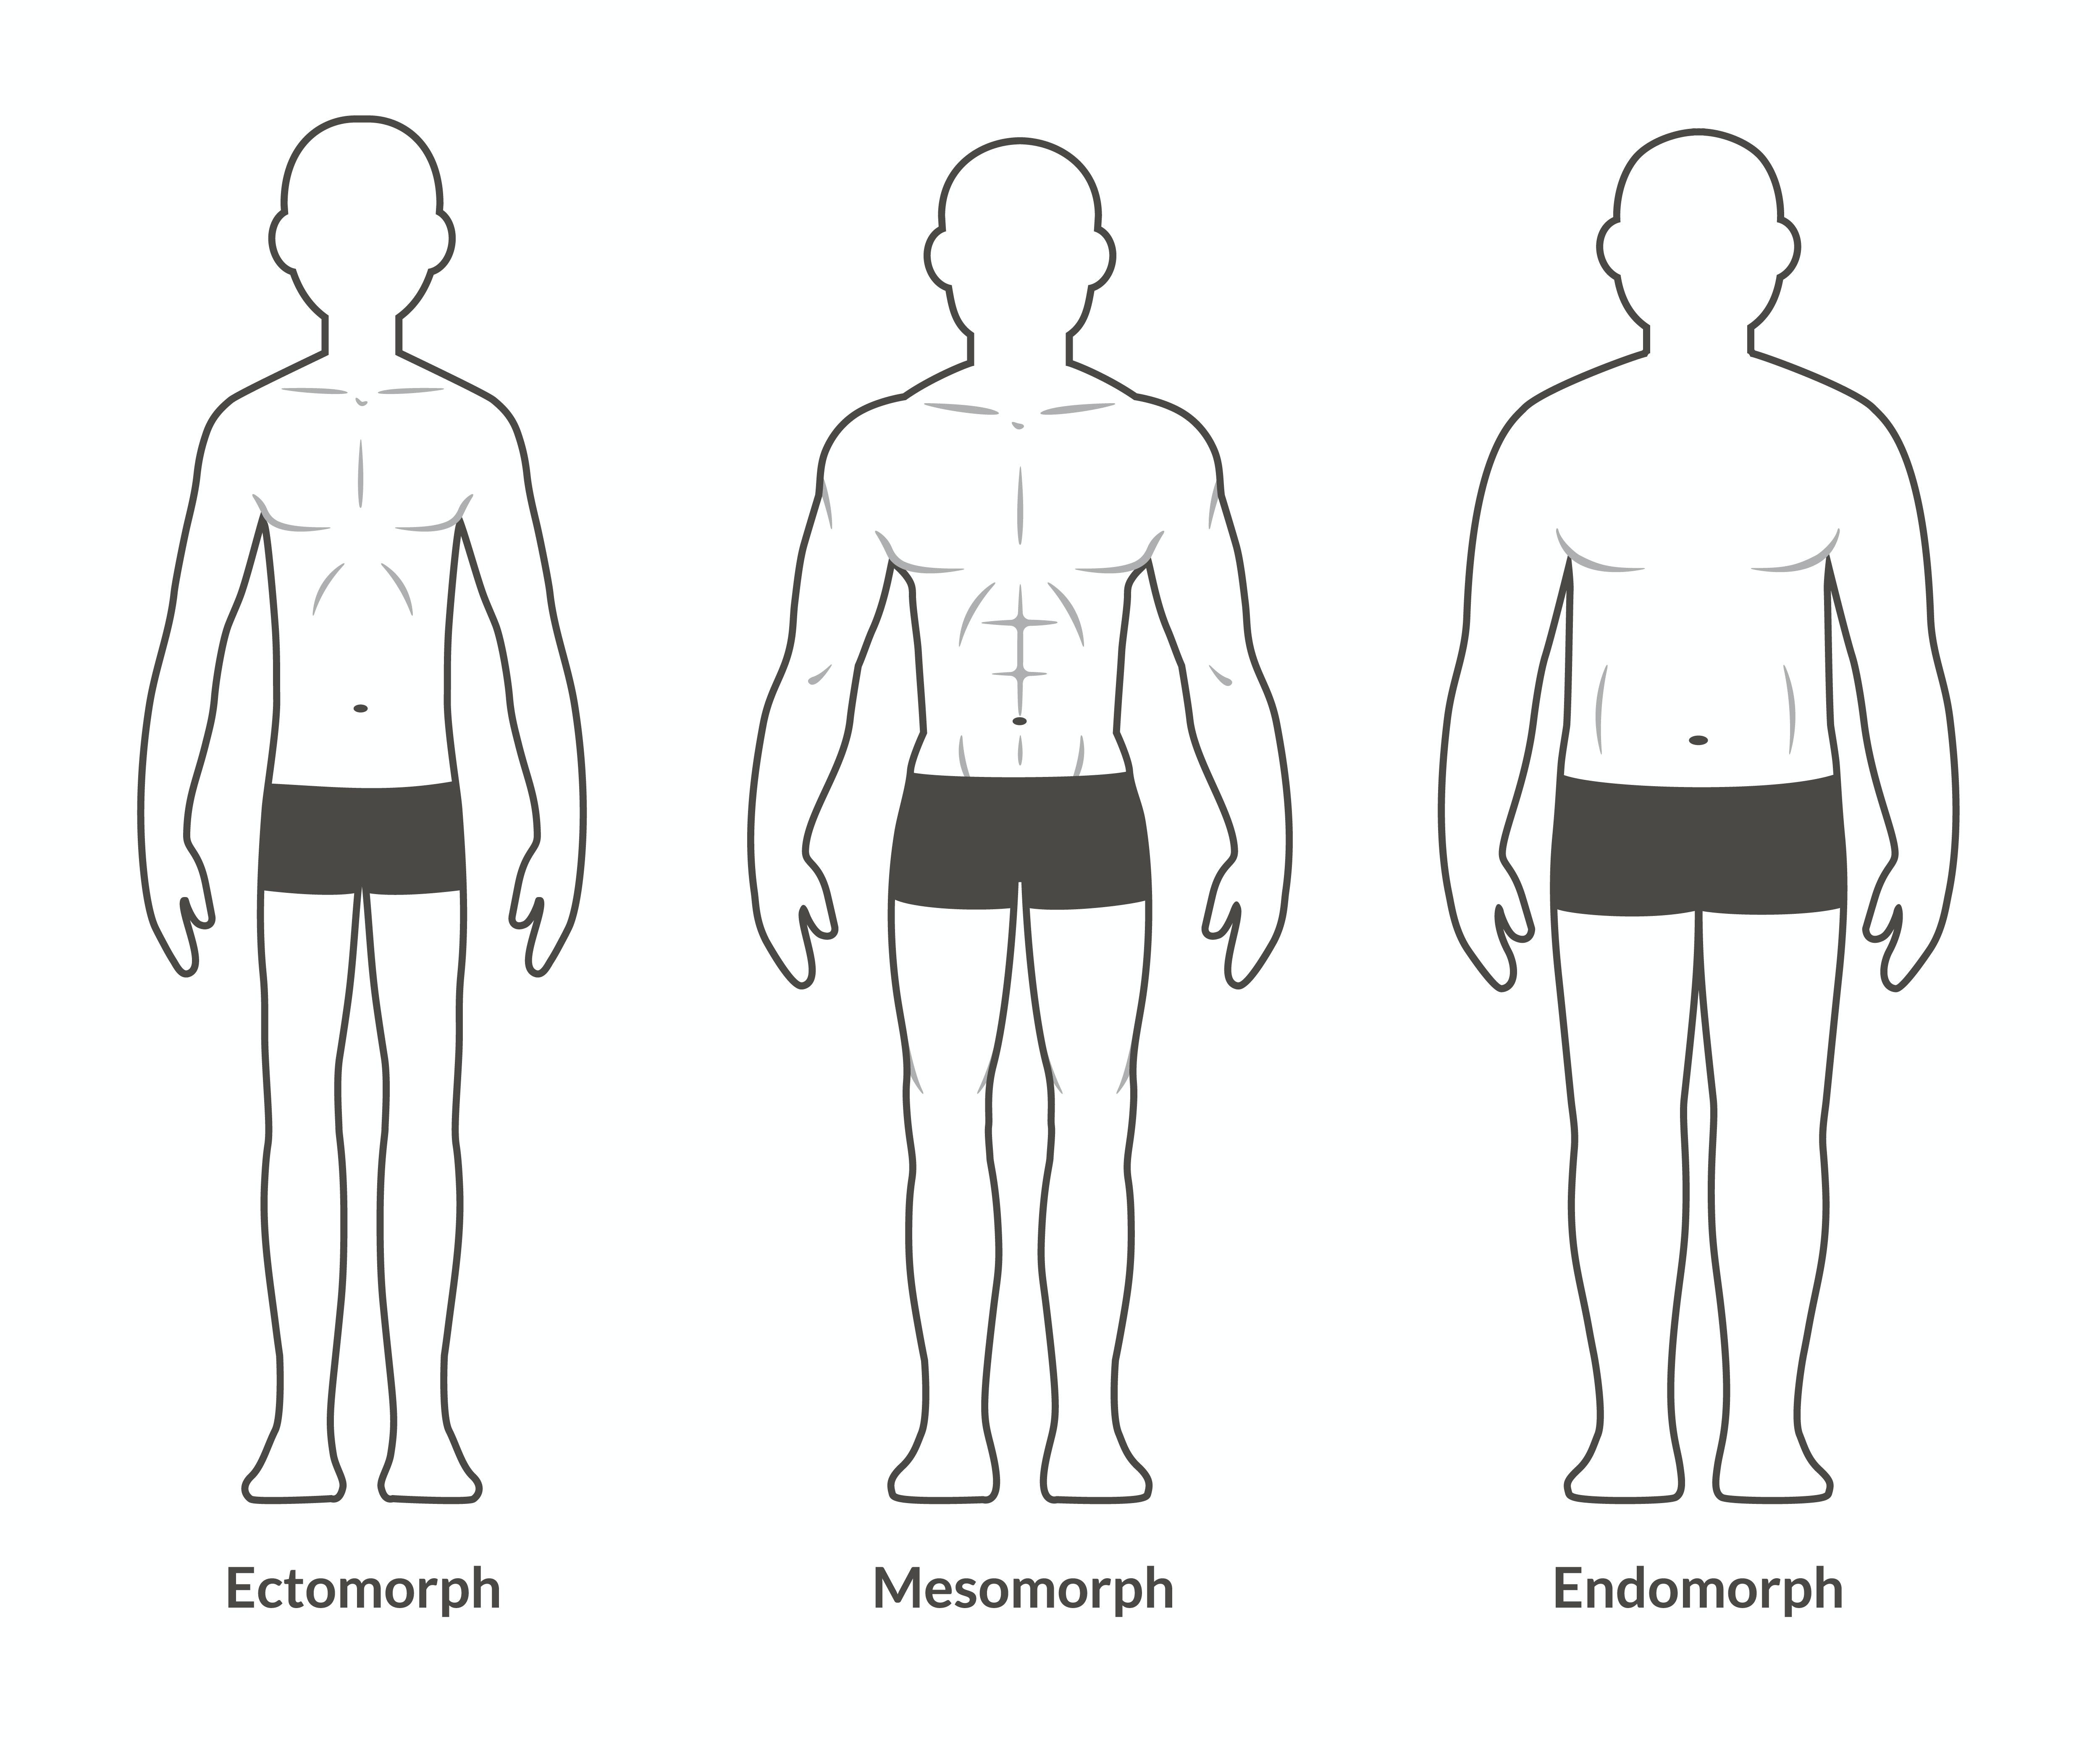 kropstyper mænd